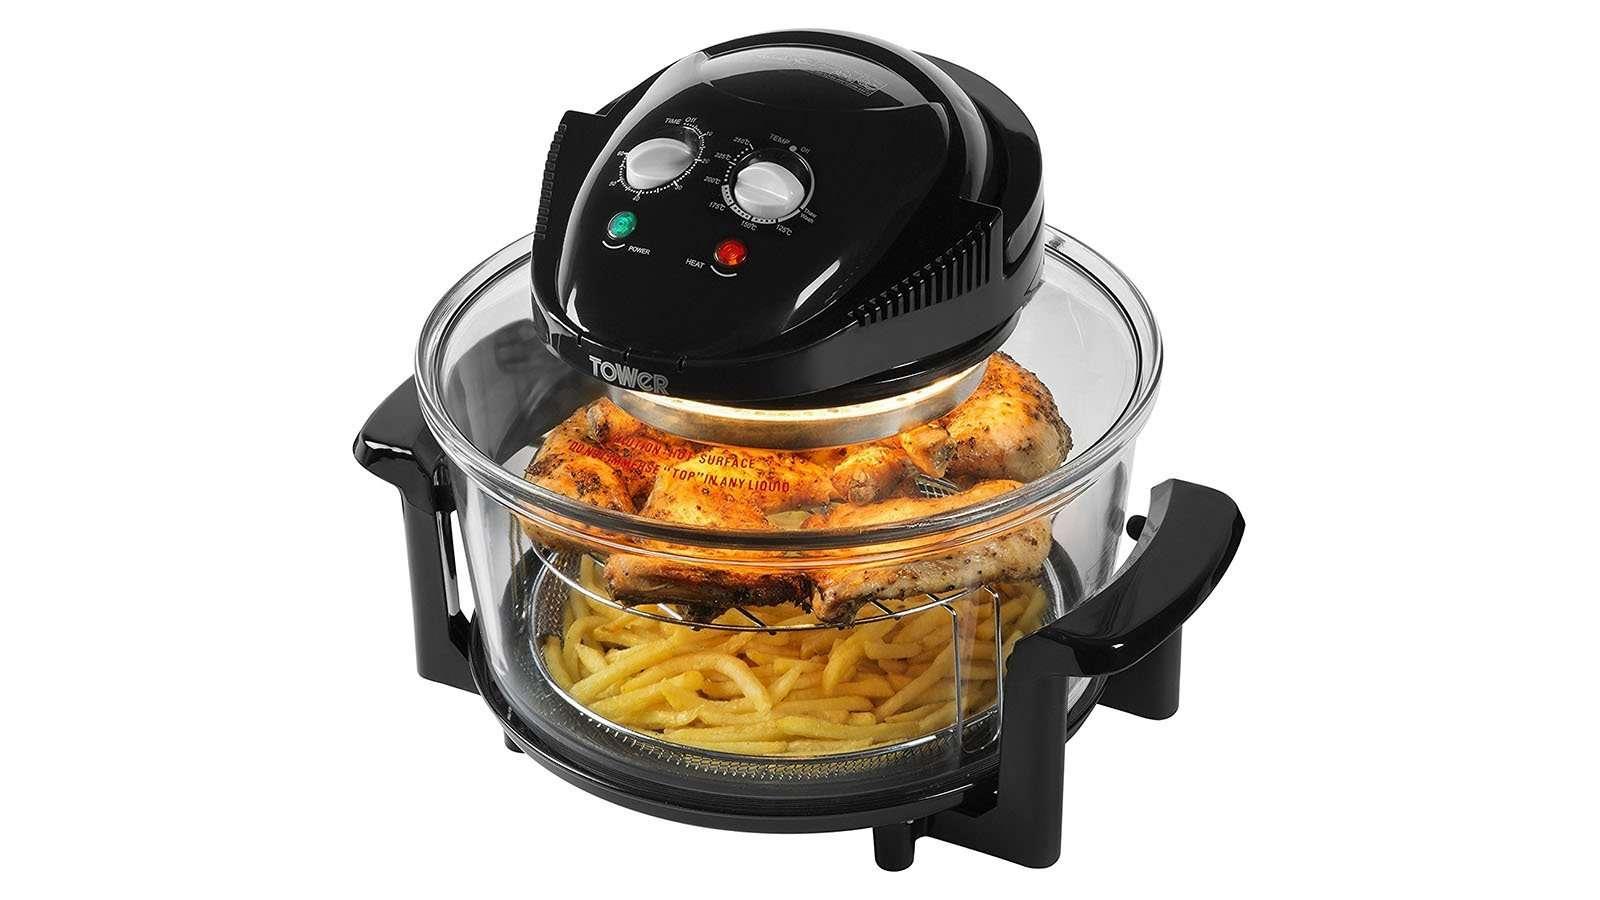 Best Halogen Oven 2018 The 6 Best Halogen Cookers Ranked